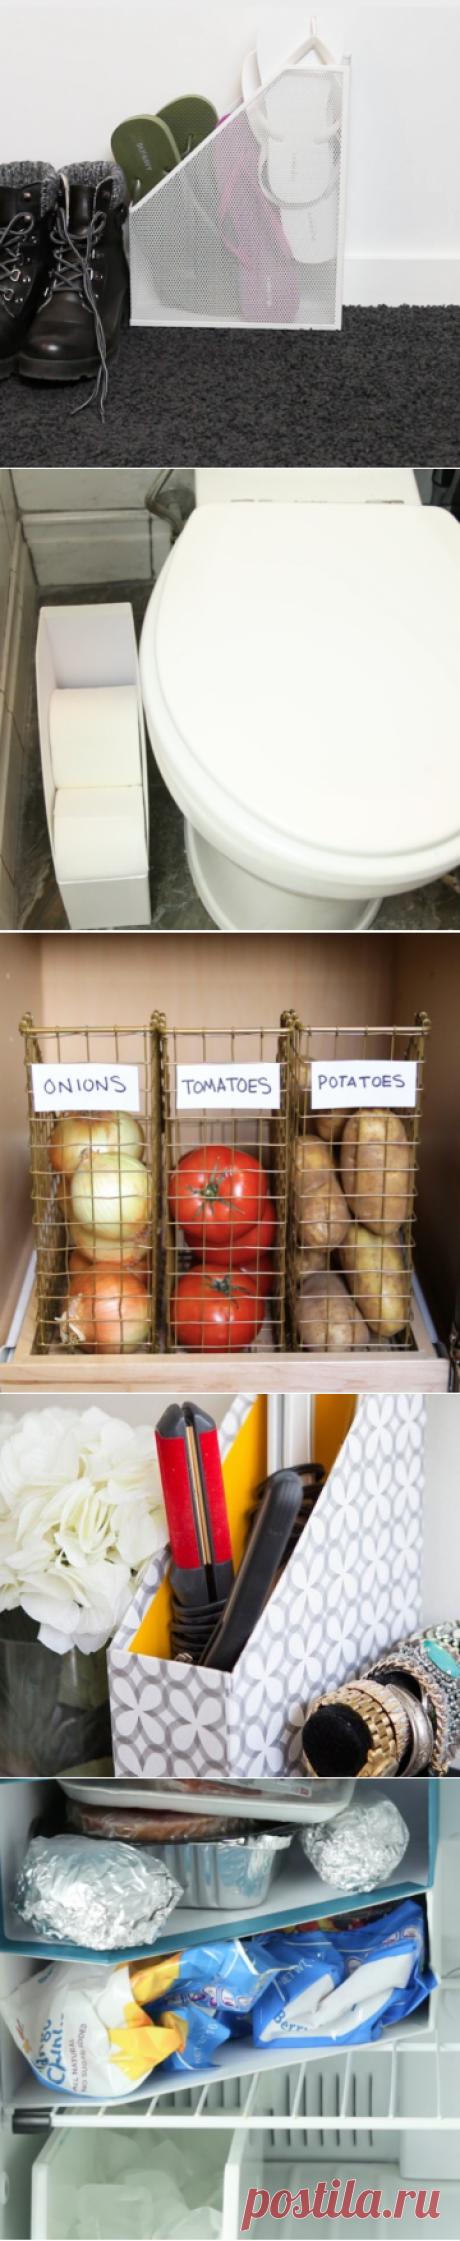 Используем накопители для журналов (подборка) / Организованное хранение / ВТОРАЯ УЛИЦА